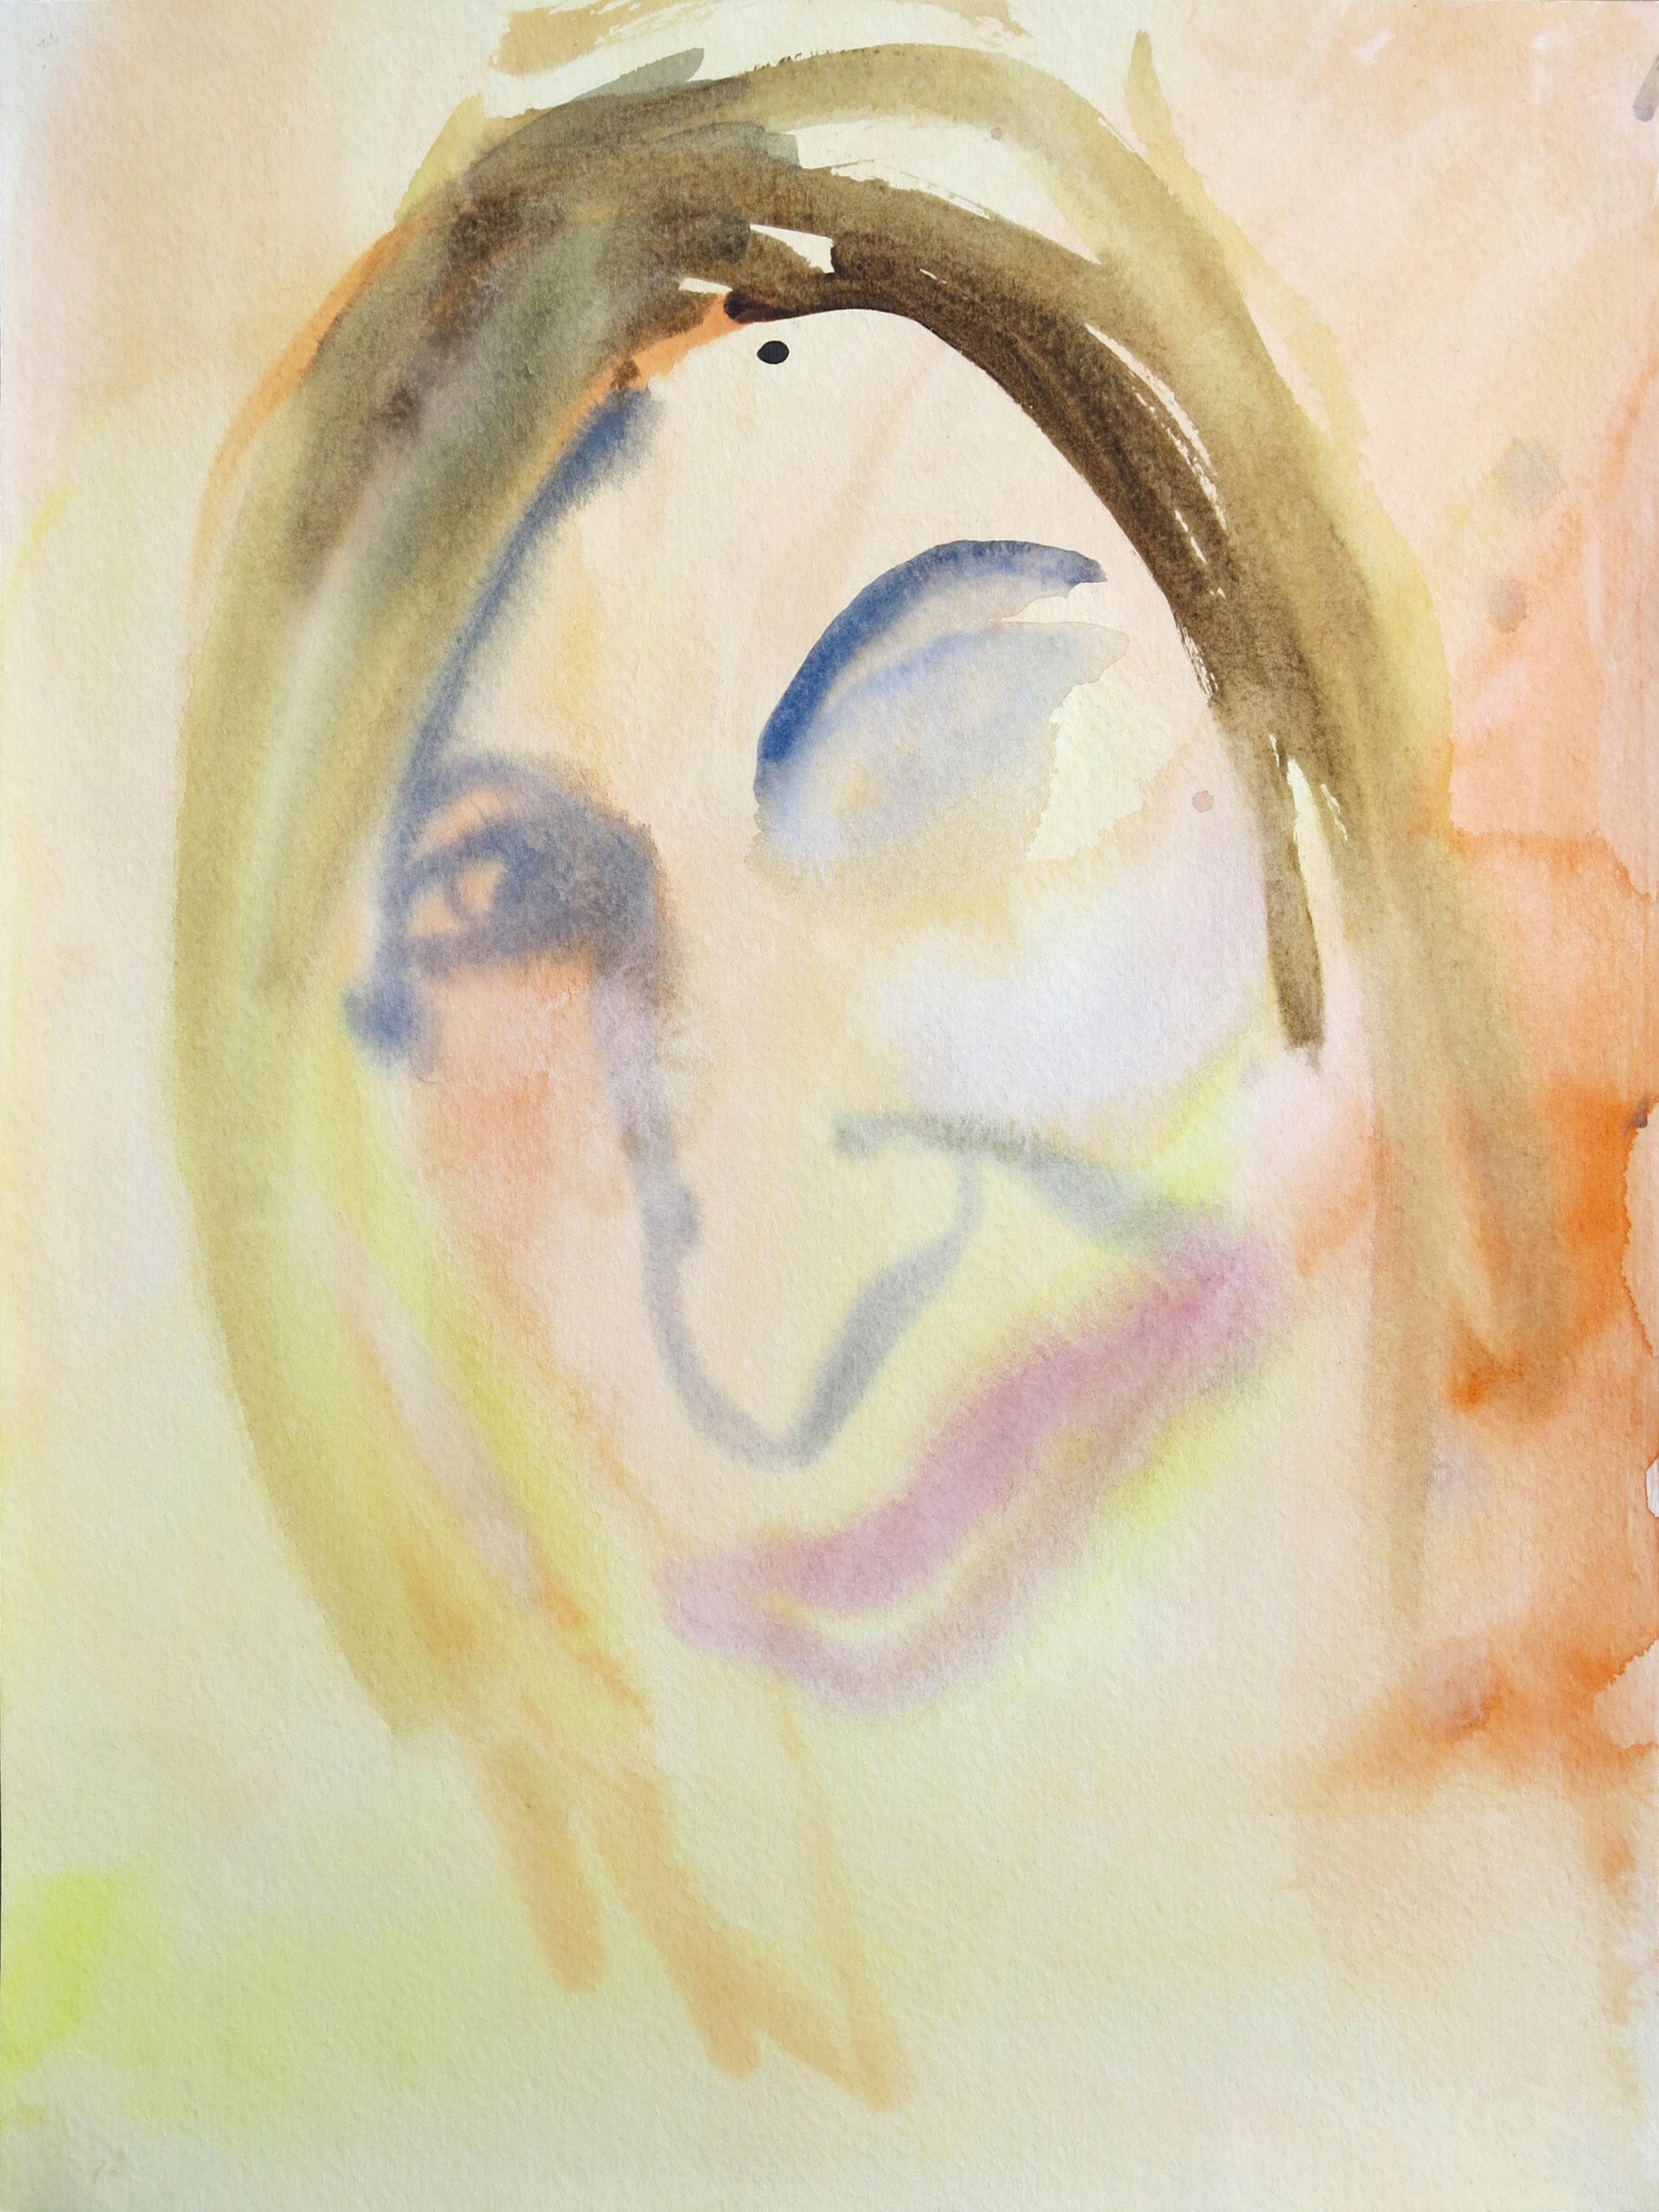 Copy of Barbra Streisand Portrait #136